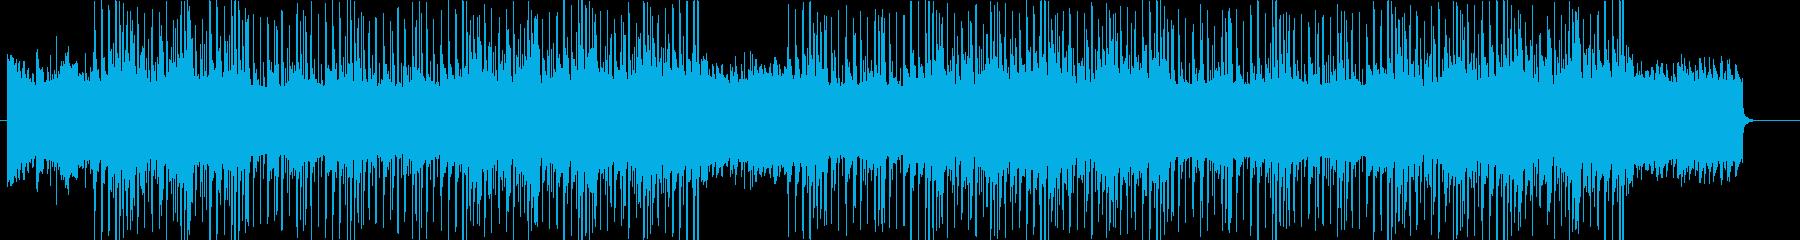 洋楽トラップソウル、R&Bビート♫の再生済みの波形